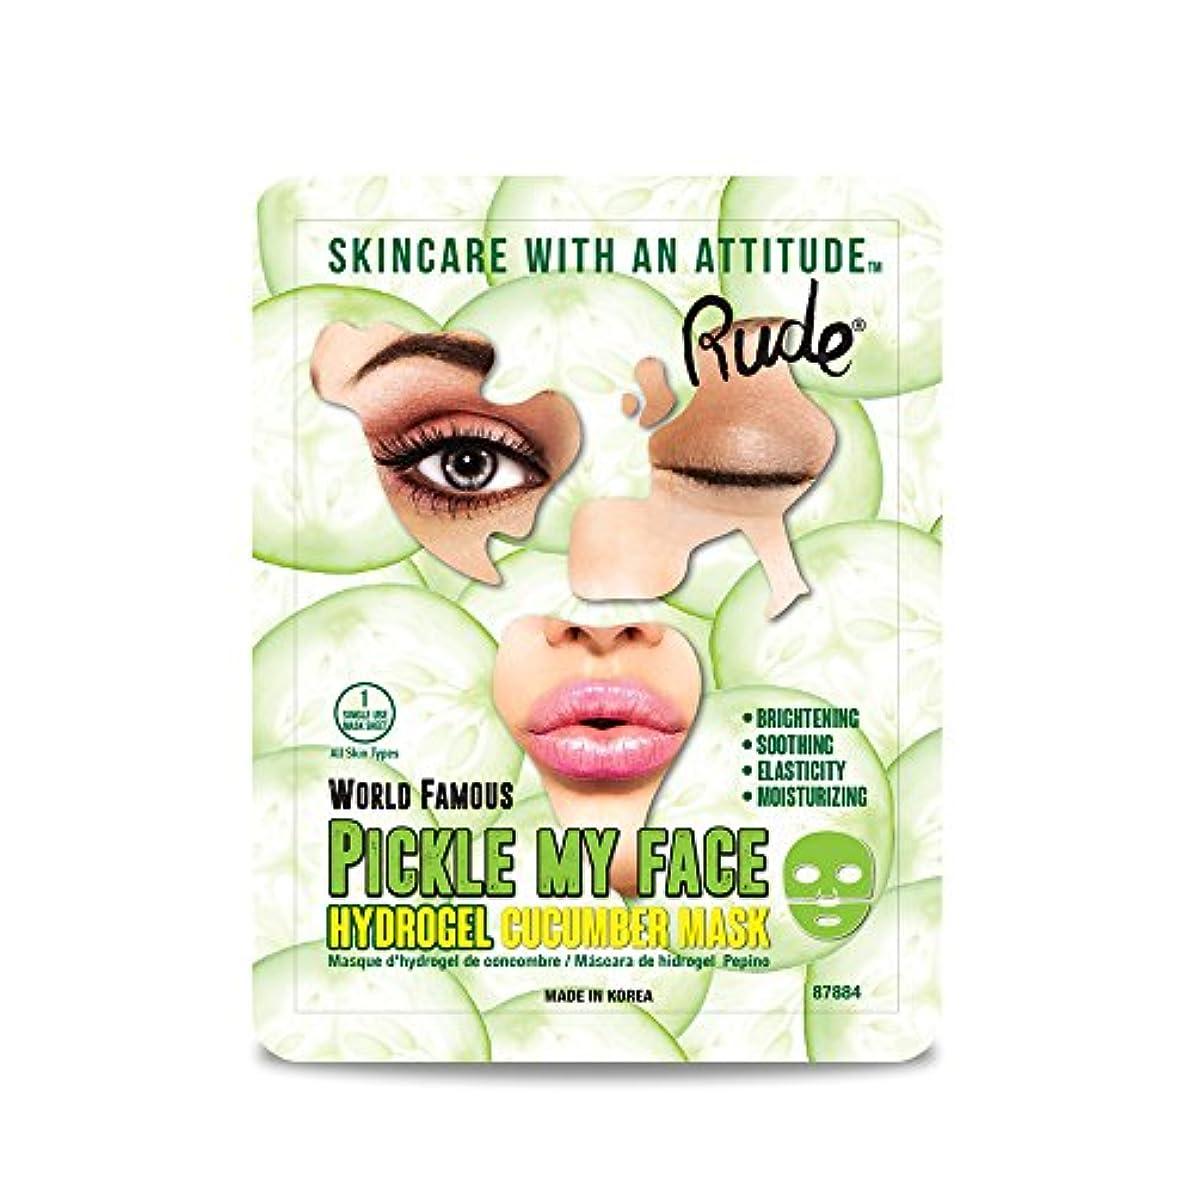 部門子供っぽい従順(3 Pack) RUDE Pickle My Face Hydrogel Cucumber Mask (並行輸入品)